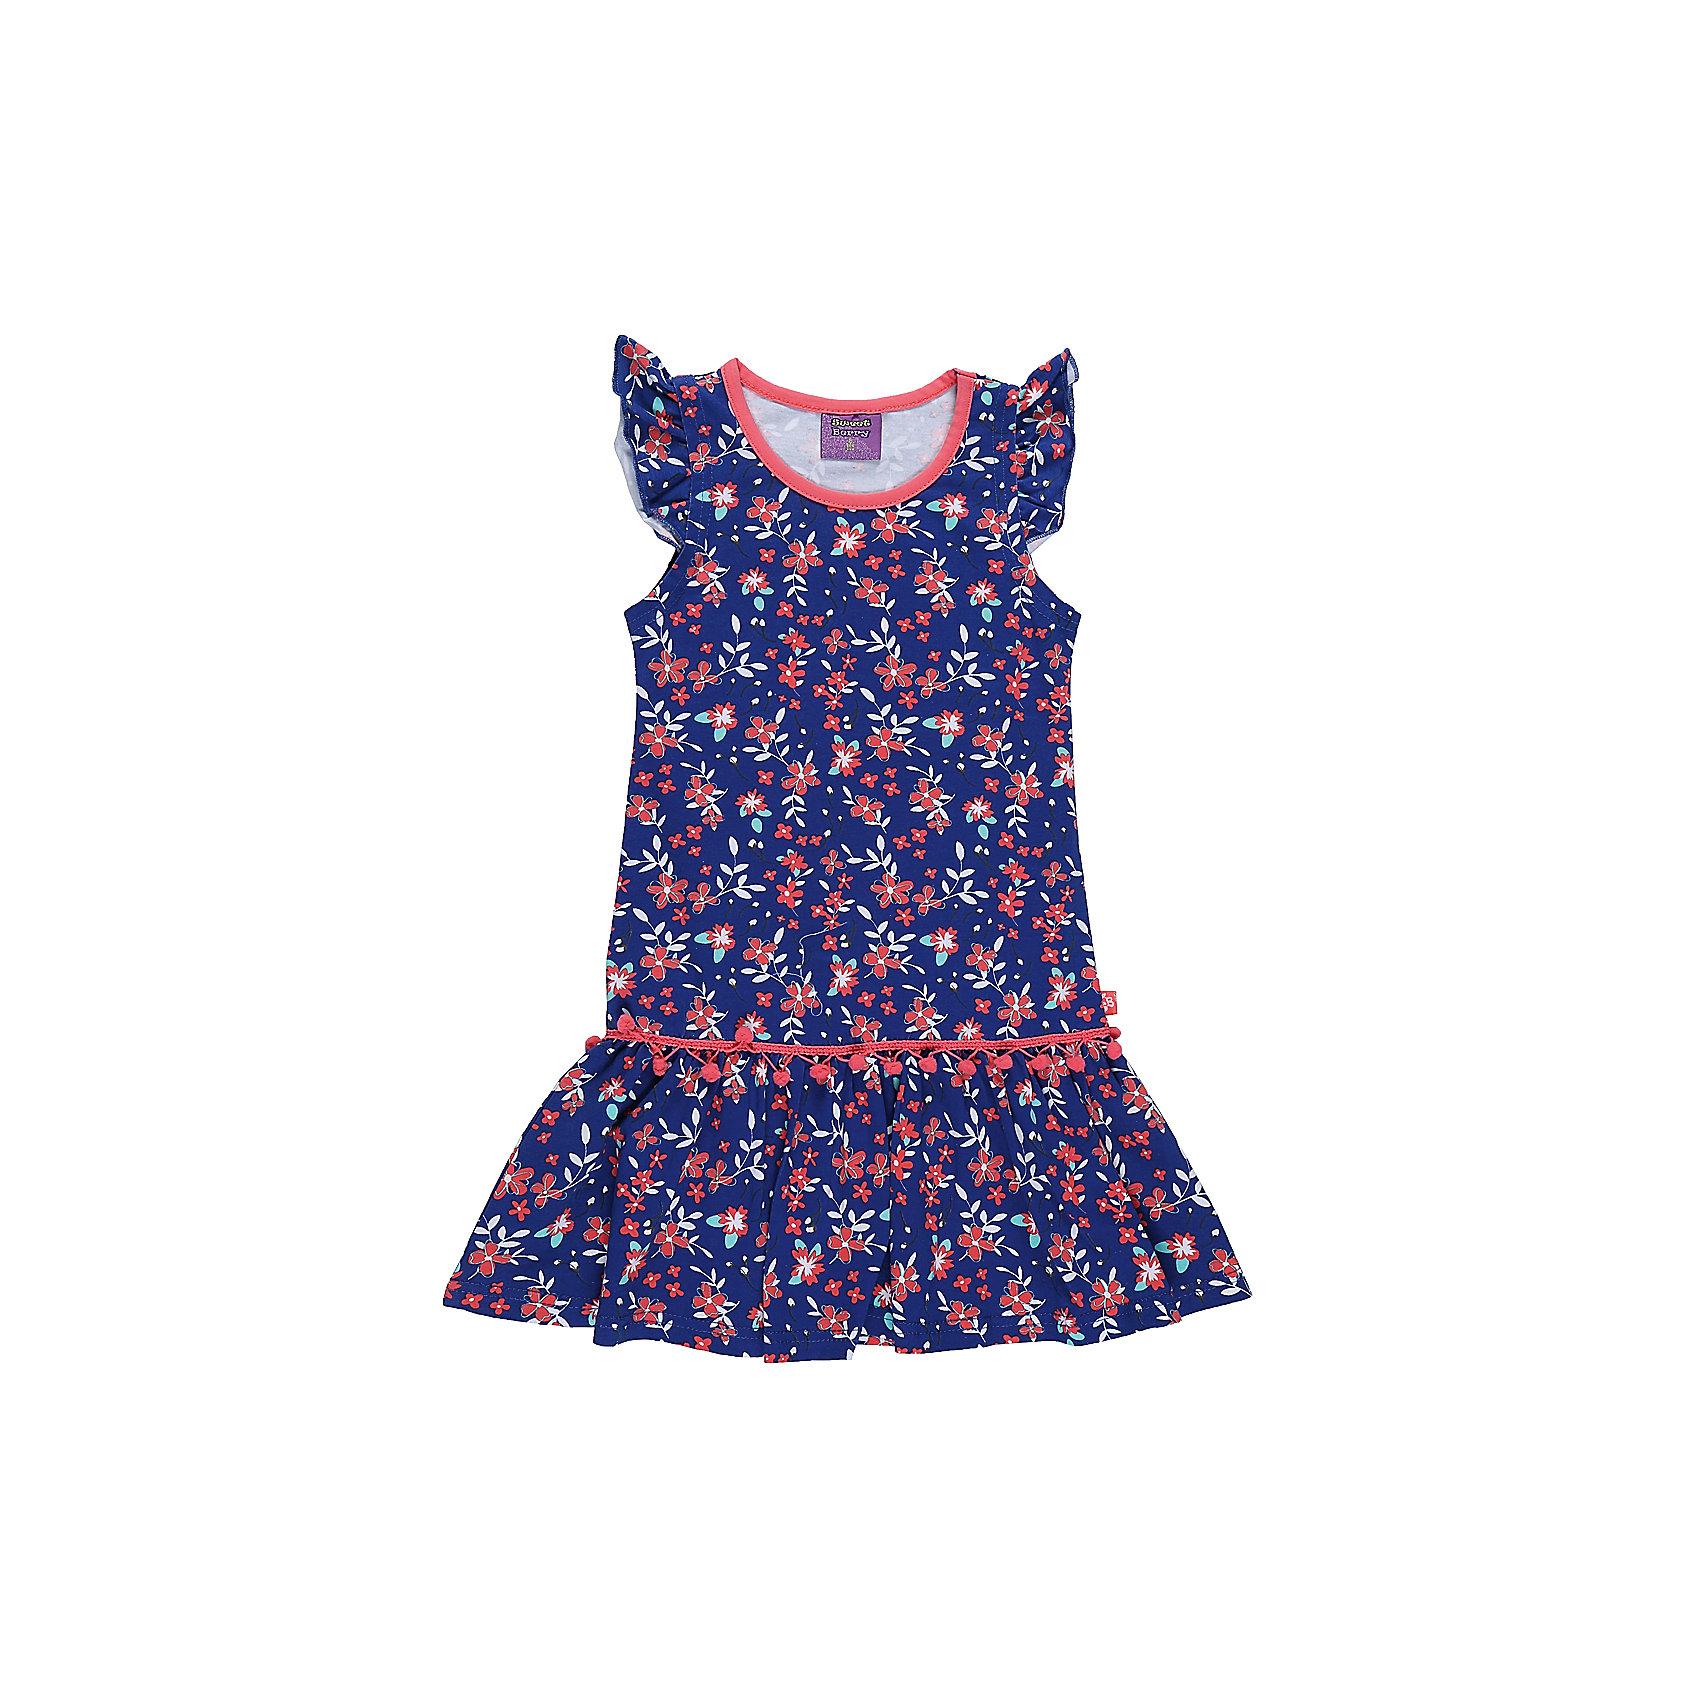 Платье для девочки Sweet BerryПлатья и сарафаны<br>Платье из трикотажной принтованной ткани. Рукава-крылышки. Горловина выполнена из контрастной ткани.<br>Состав:<br>95%хлопок 5%эластан<br><br>Ширина мм: 236<br>Глубина мм: 16<br>Высота мм: 184<br>Вес г: 177<br>Цвет: синий<br>Возраст от месяцев: 84<br>Возраст до месяцев: 96<br>Пол: Женский<br>Возраст: Детский<br>Размер: 128,104,98,110,116,122<br>SKU: 5412347